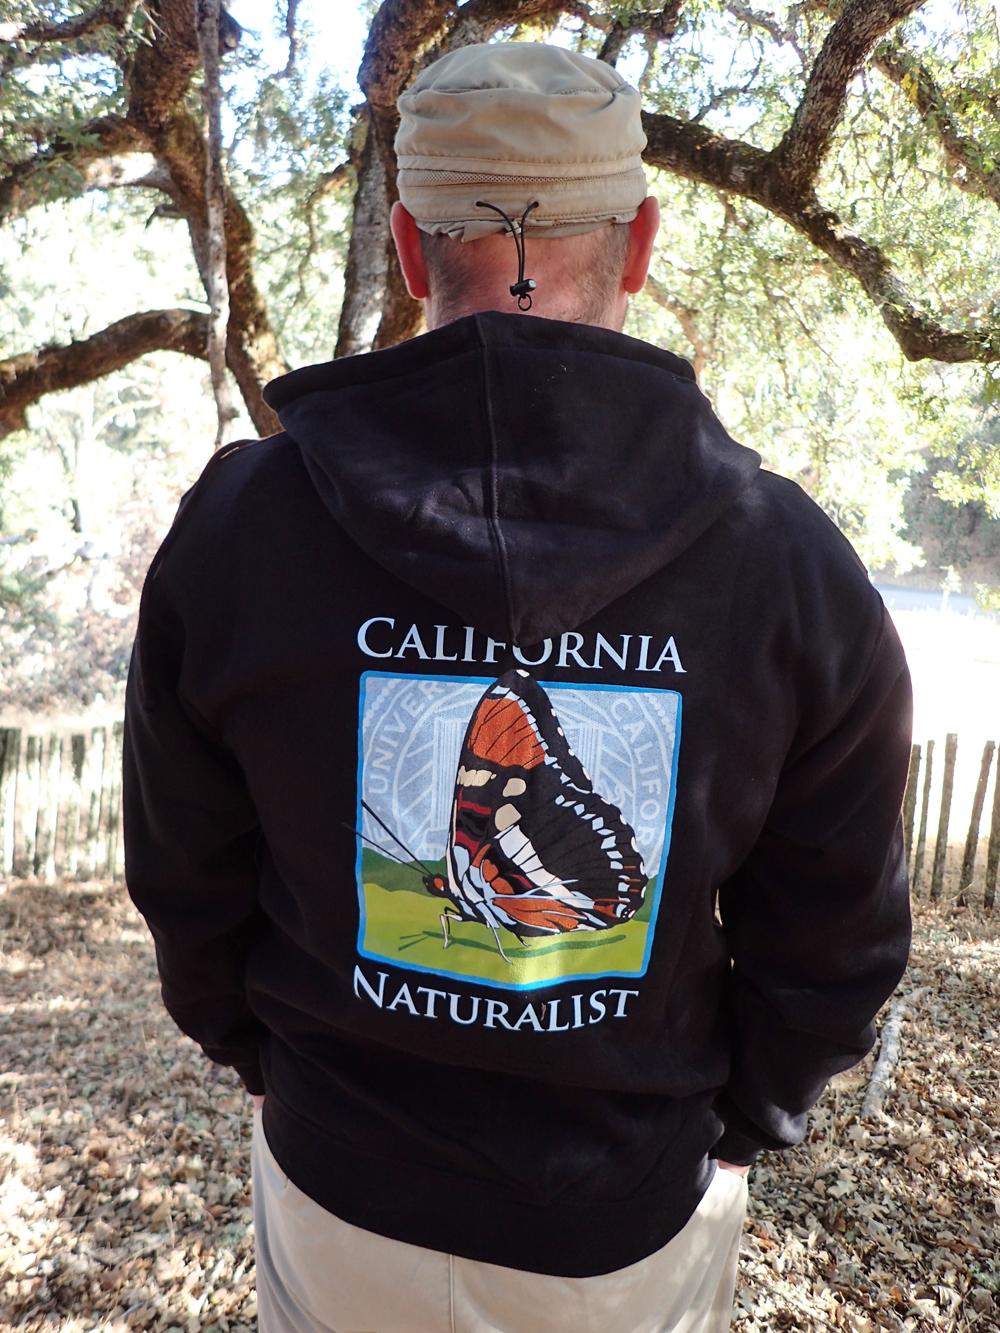 California Naturalist Sweatshirt (Unisex Small)